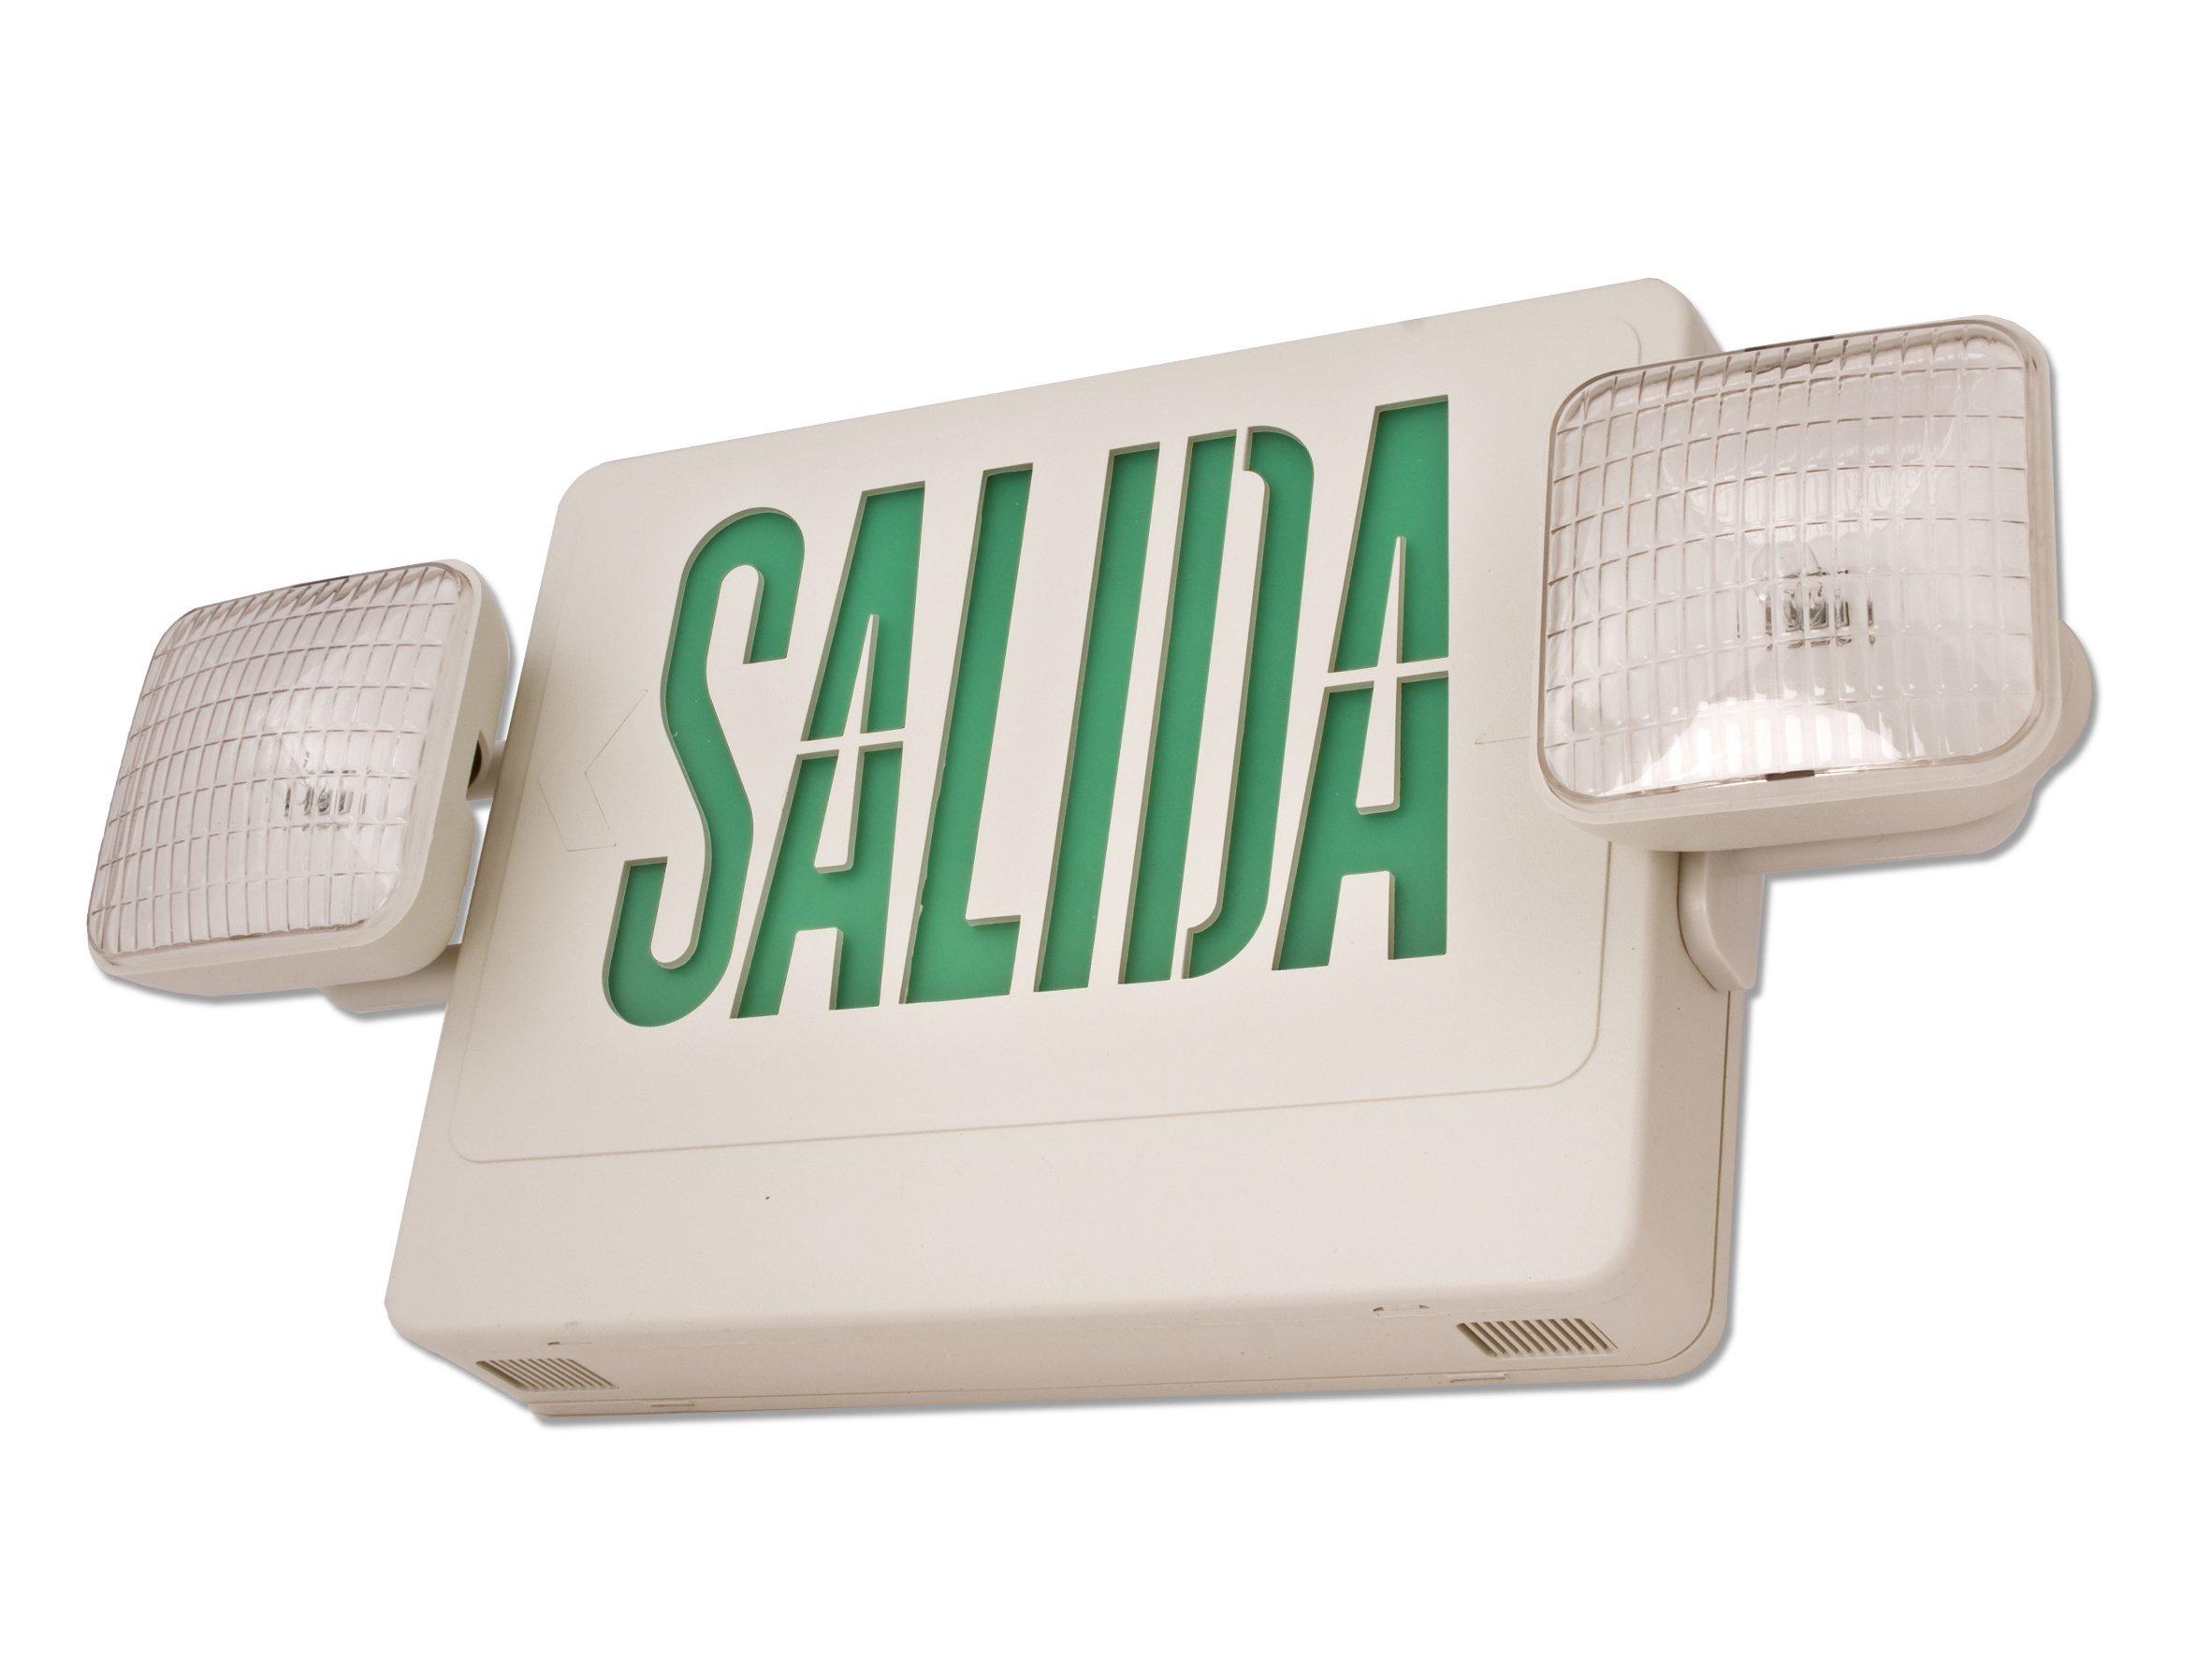 Howard Lighting HL02143GW-ESP-RP1 Spanish Exit Sign/Emergency Light Combo